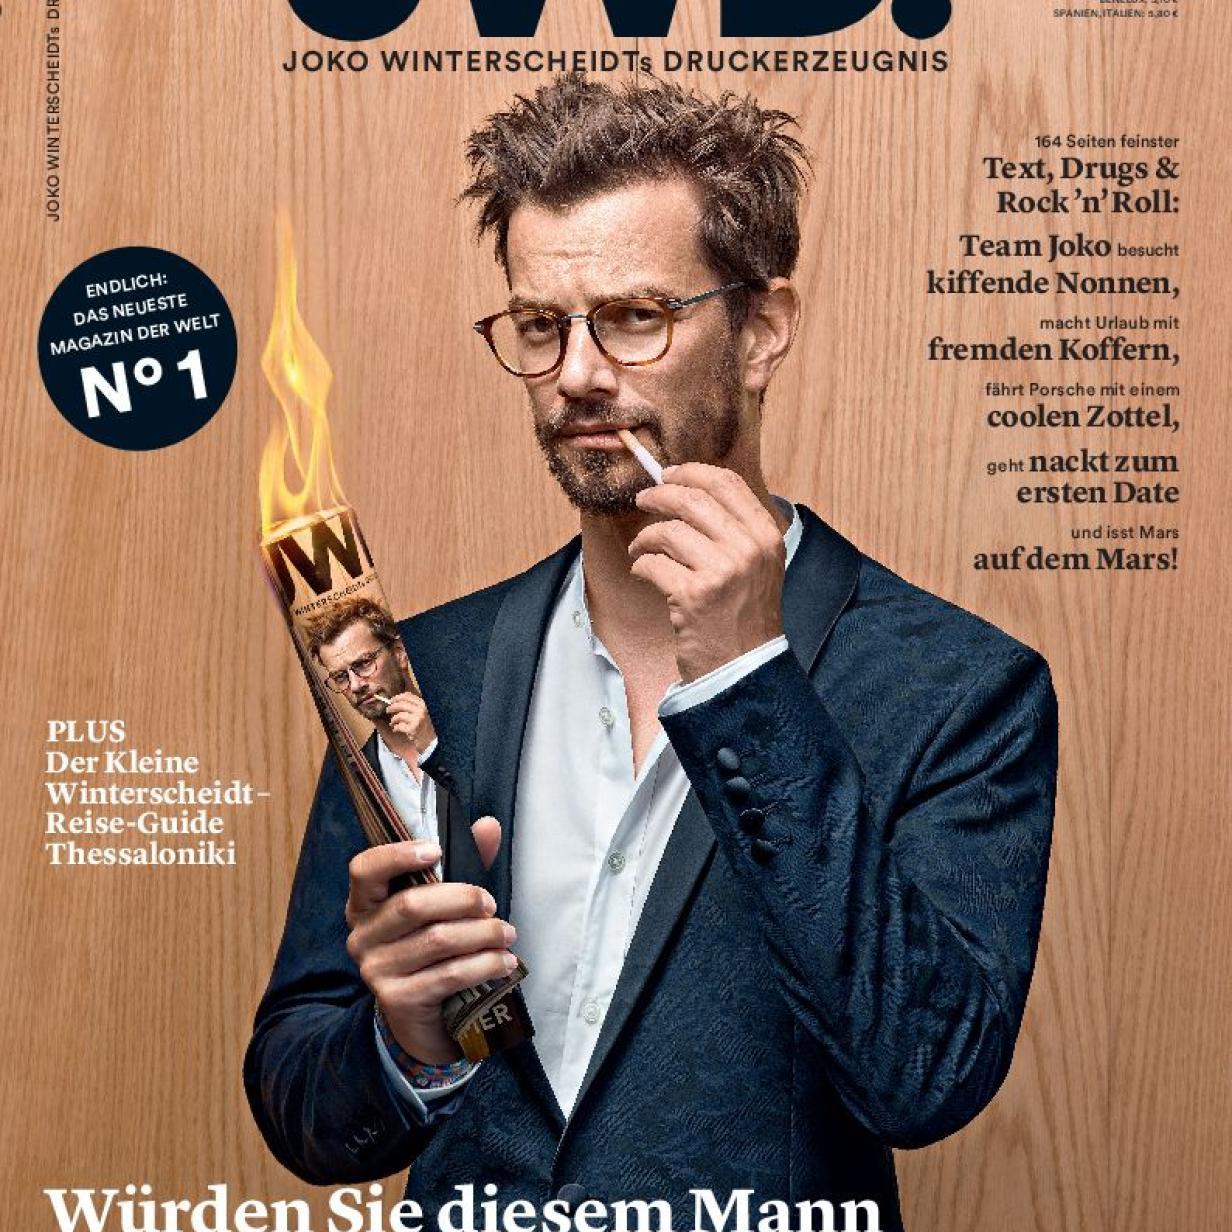 Joko Winterscheidts Magazin wird eingestellt